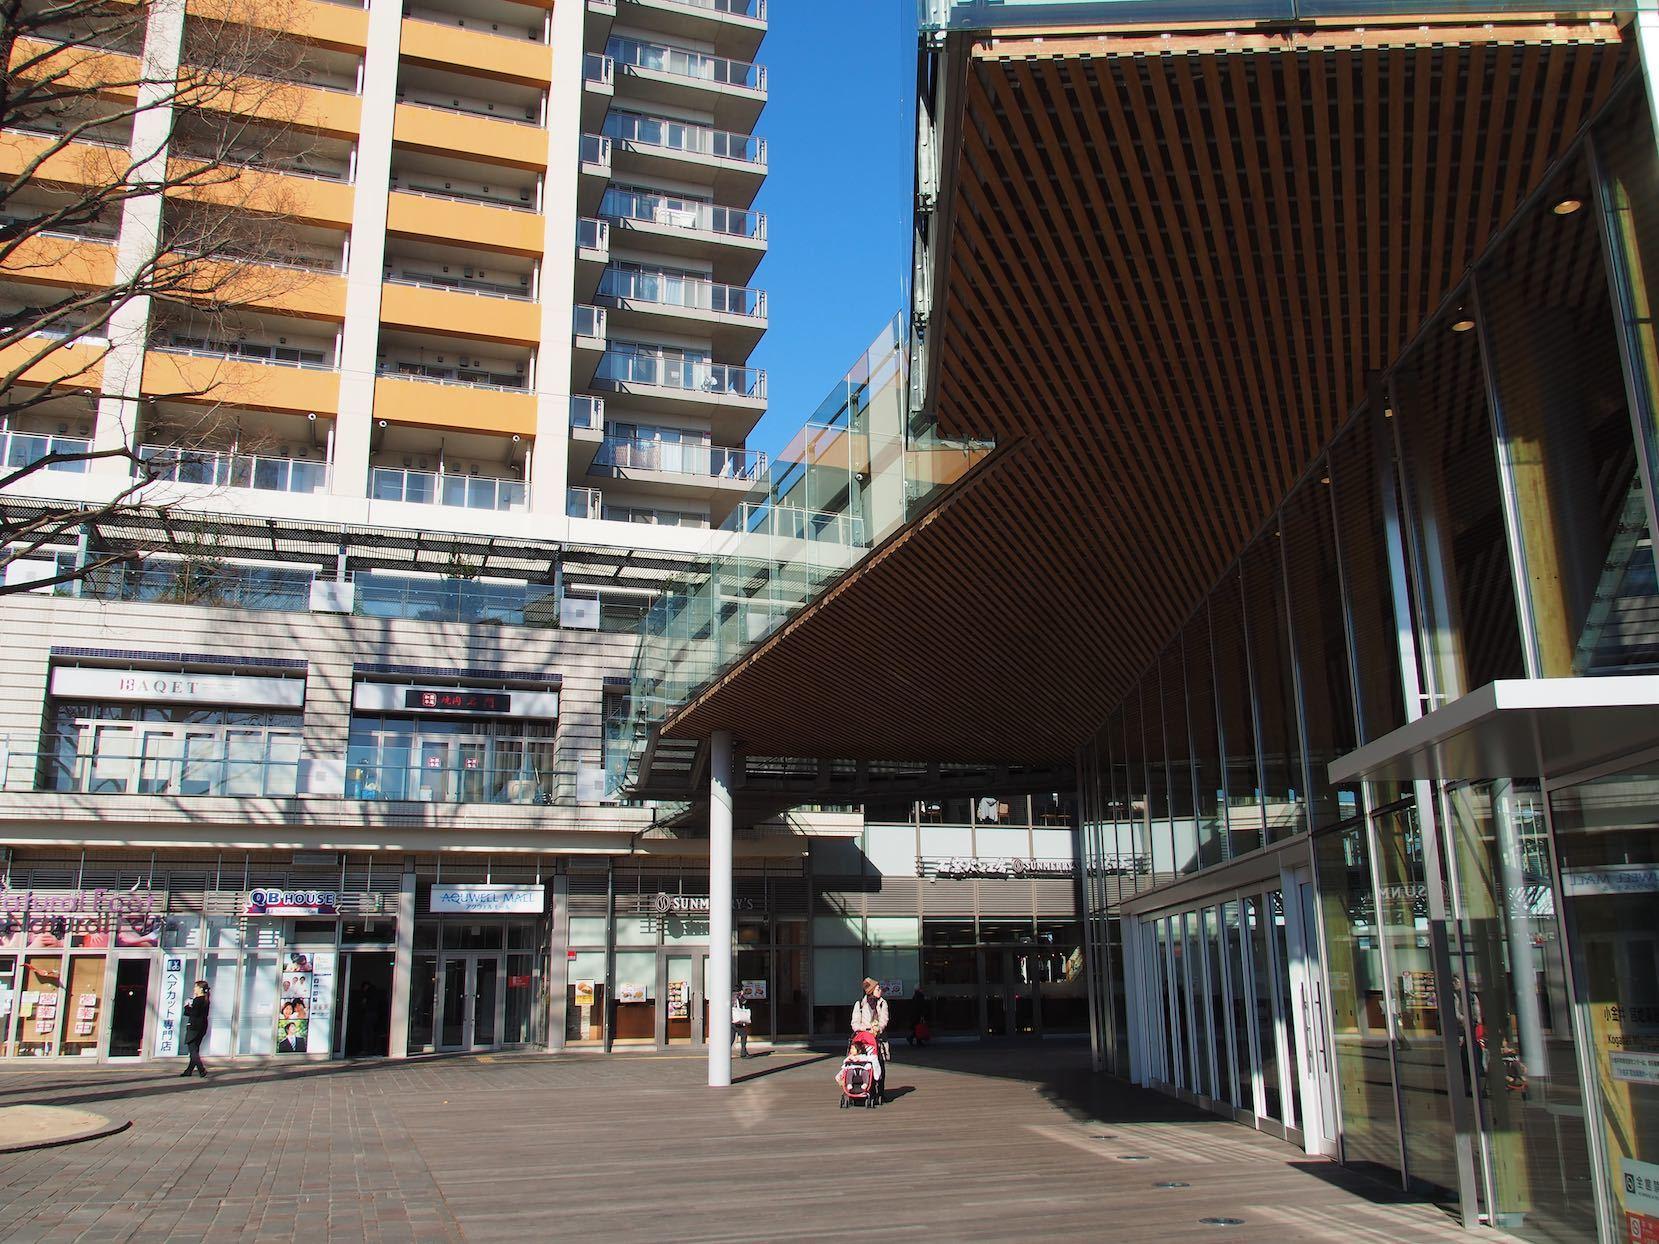 武蔵小金井駅周辺10_b0360240_22444220.jpg